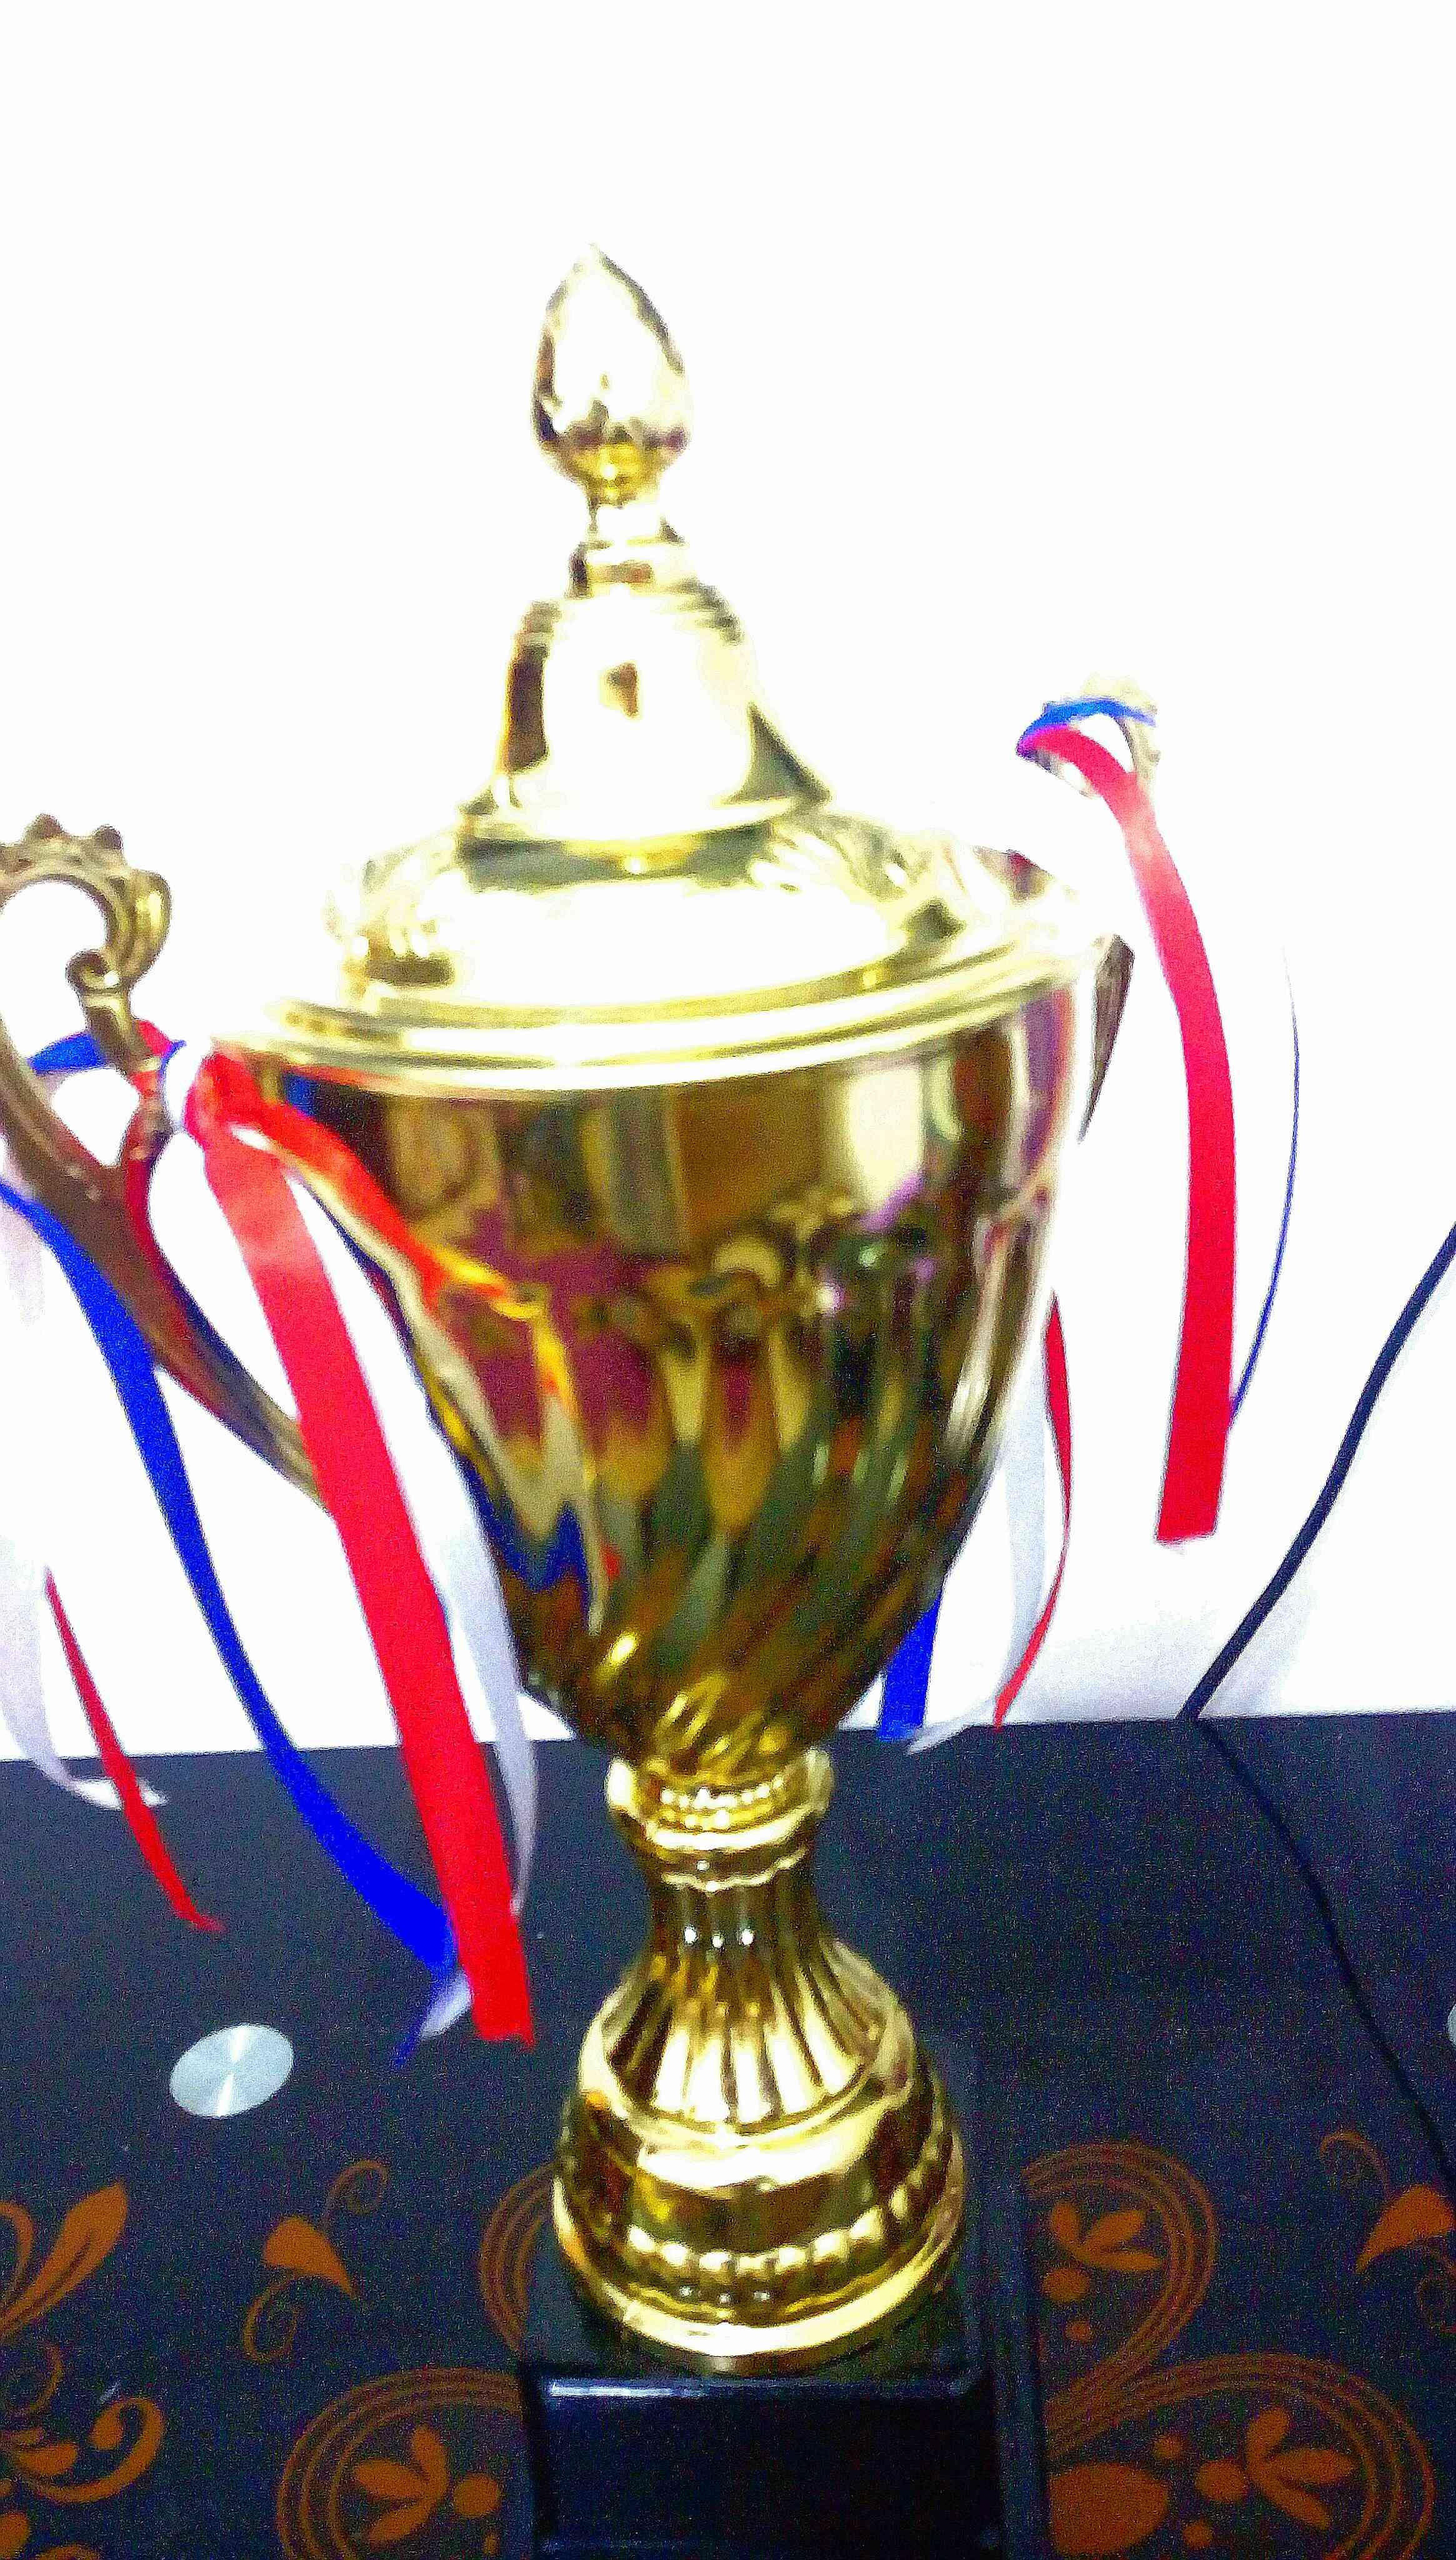 Trampoline Available-  كأس البطوله الذهبي لتكافئ...